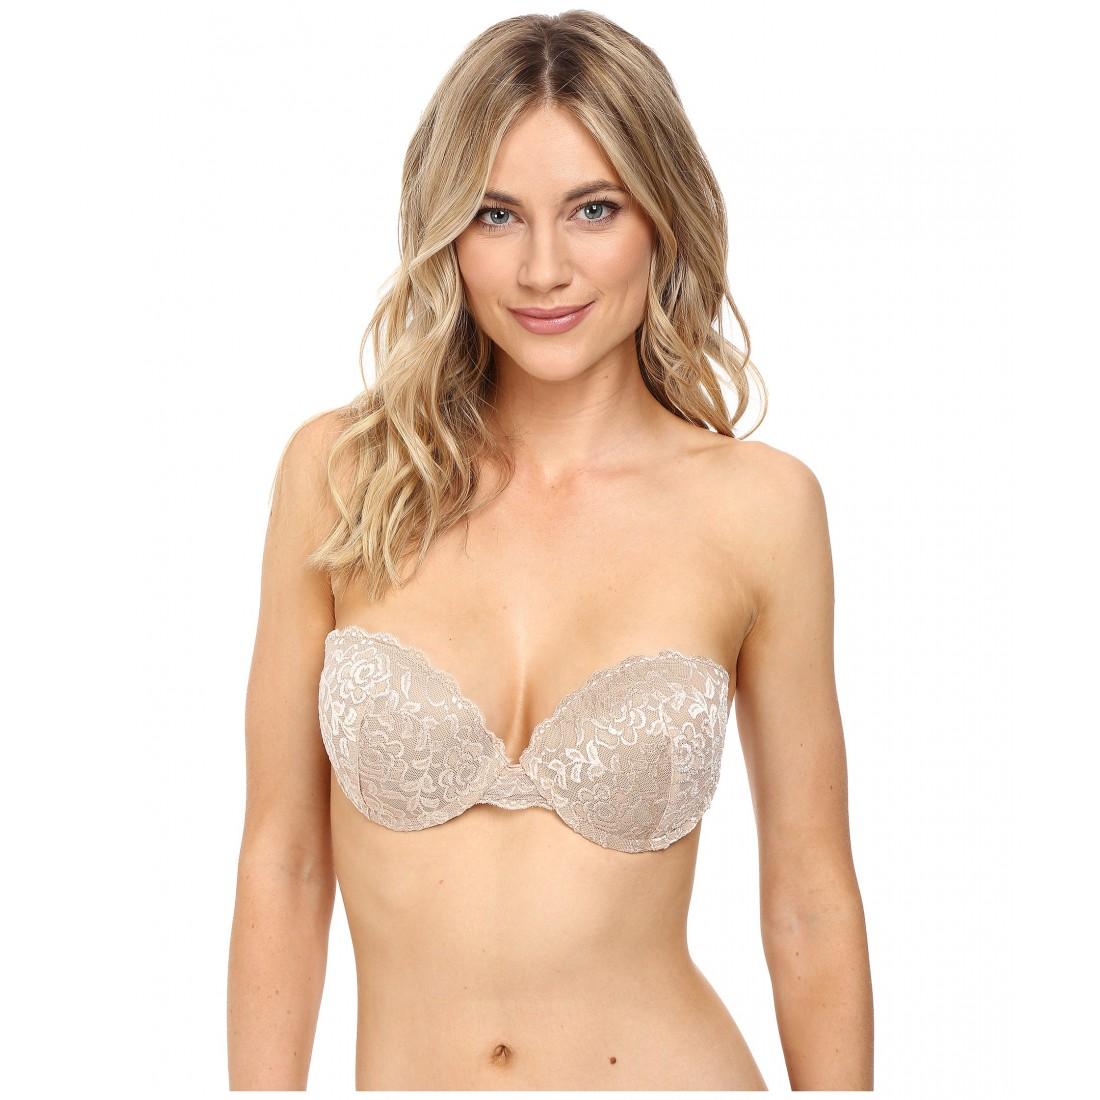 9a8d1edd8981e Fashion Forms Lace Ultimate Boost Stick On Backless Strapless Bra ZPSKU  8839109 Blush